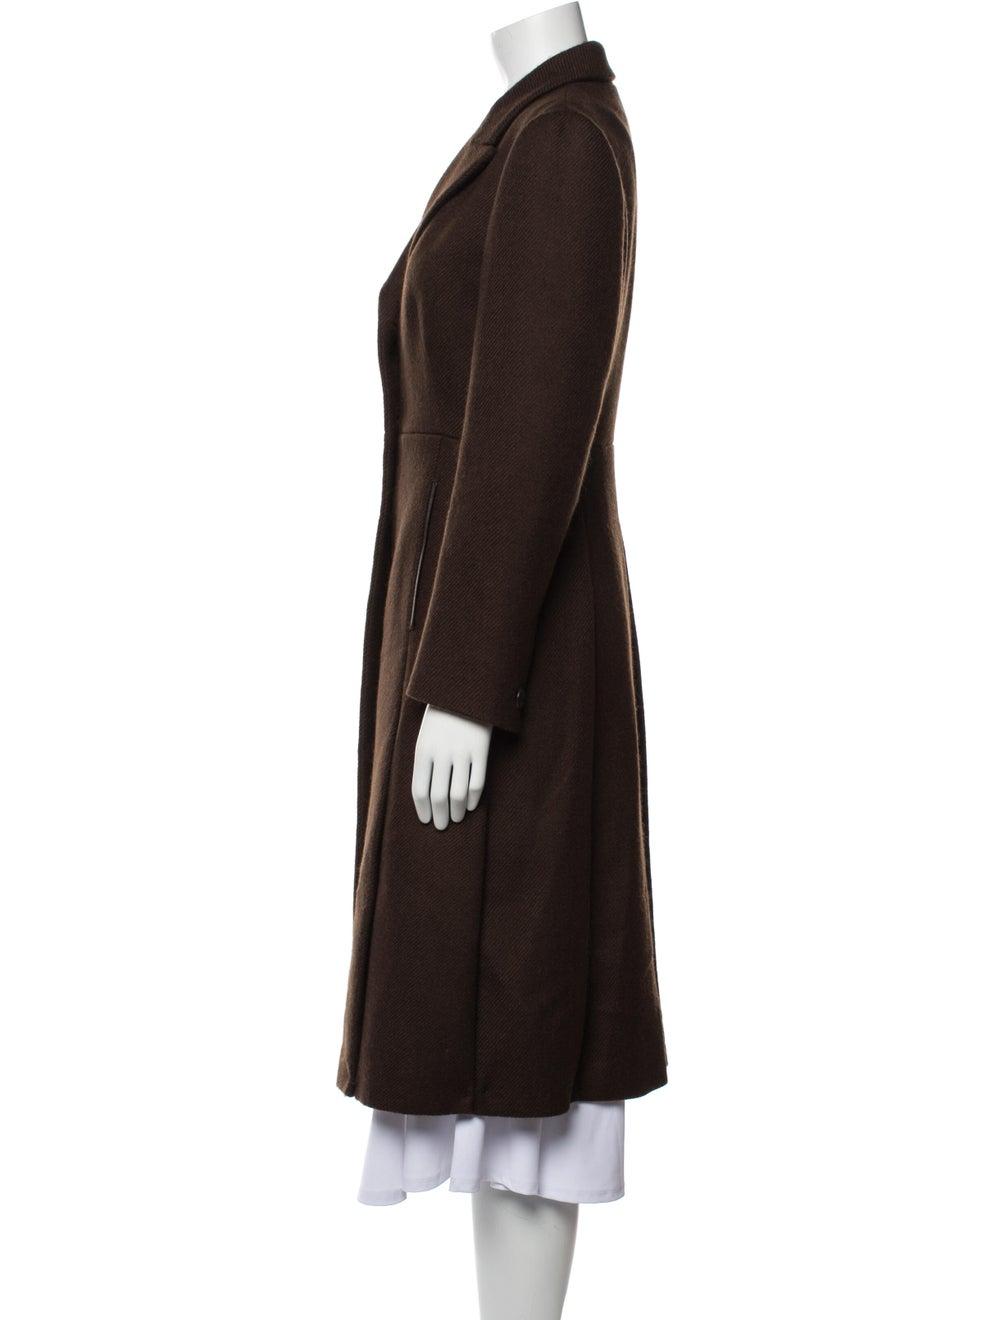 Prada Wool Peacoat Wool - image 2